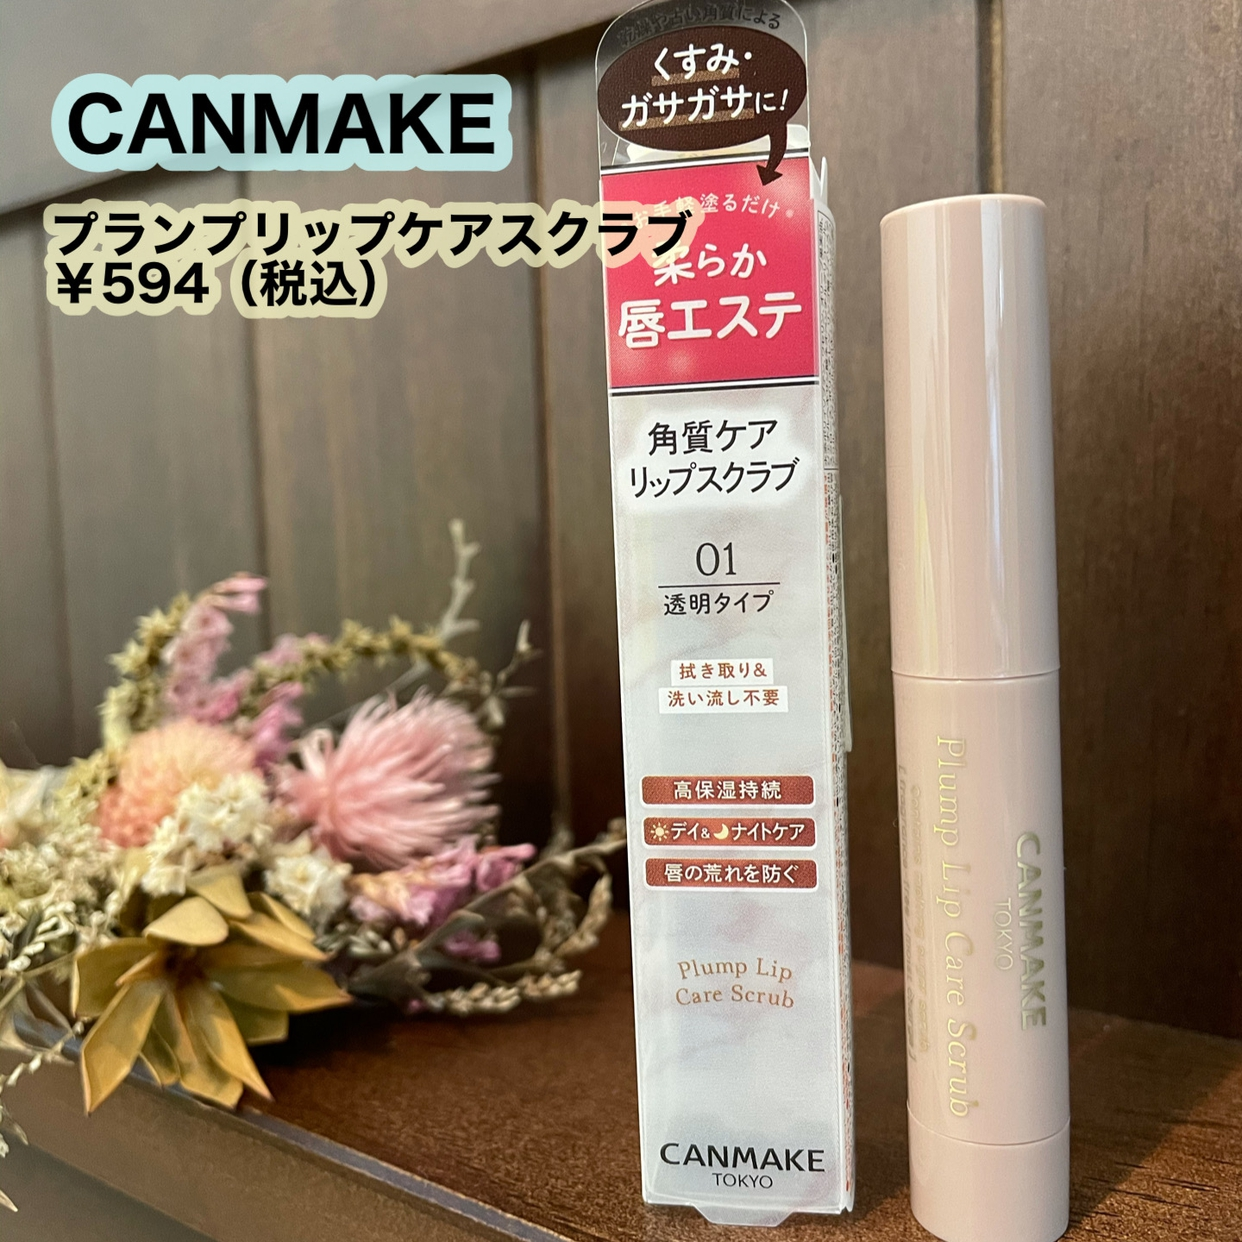 CANMAKE(キャンメイク) プランプリップケアスクラブを使ったakrさんのクチコミ画像1